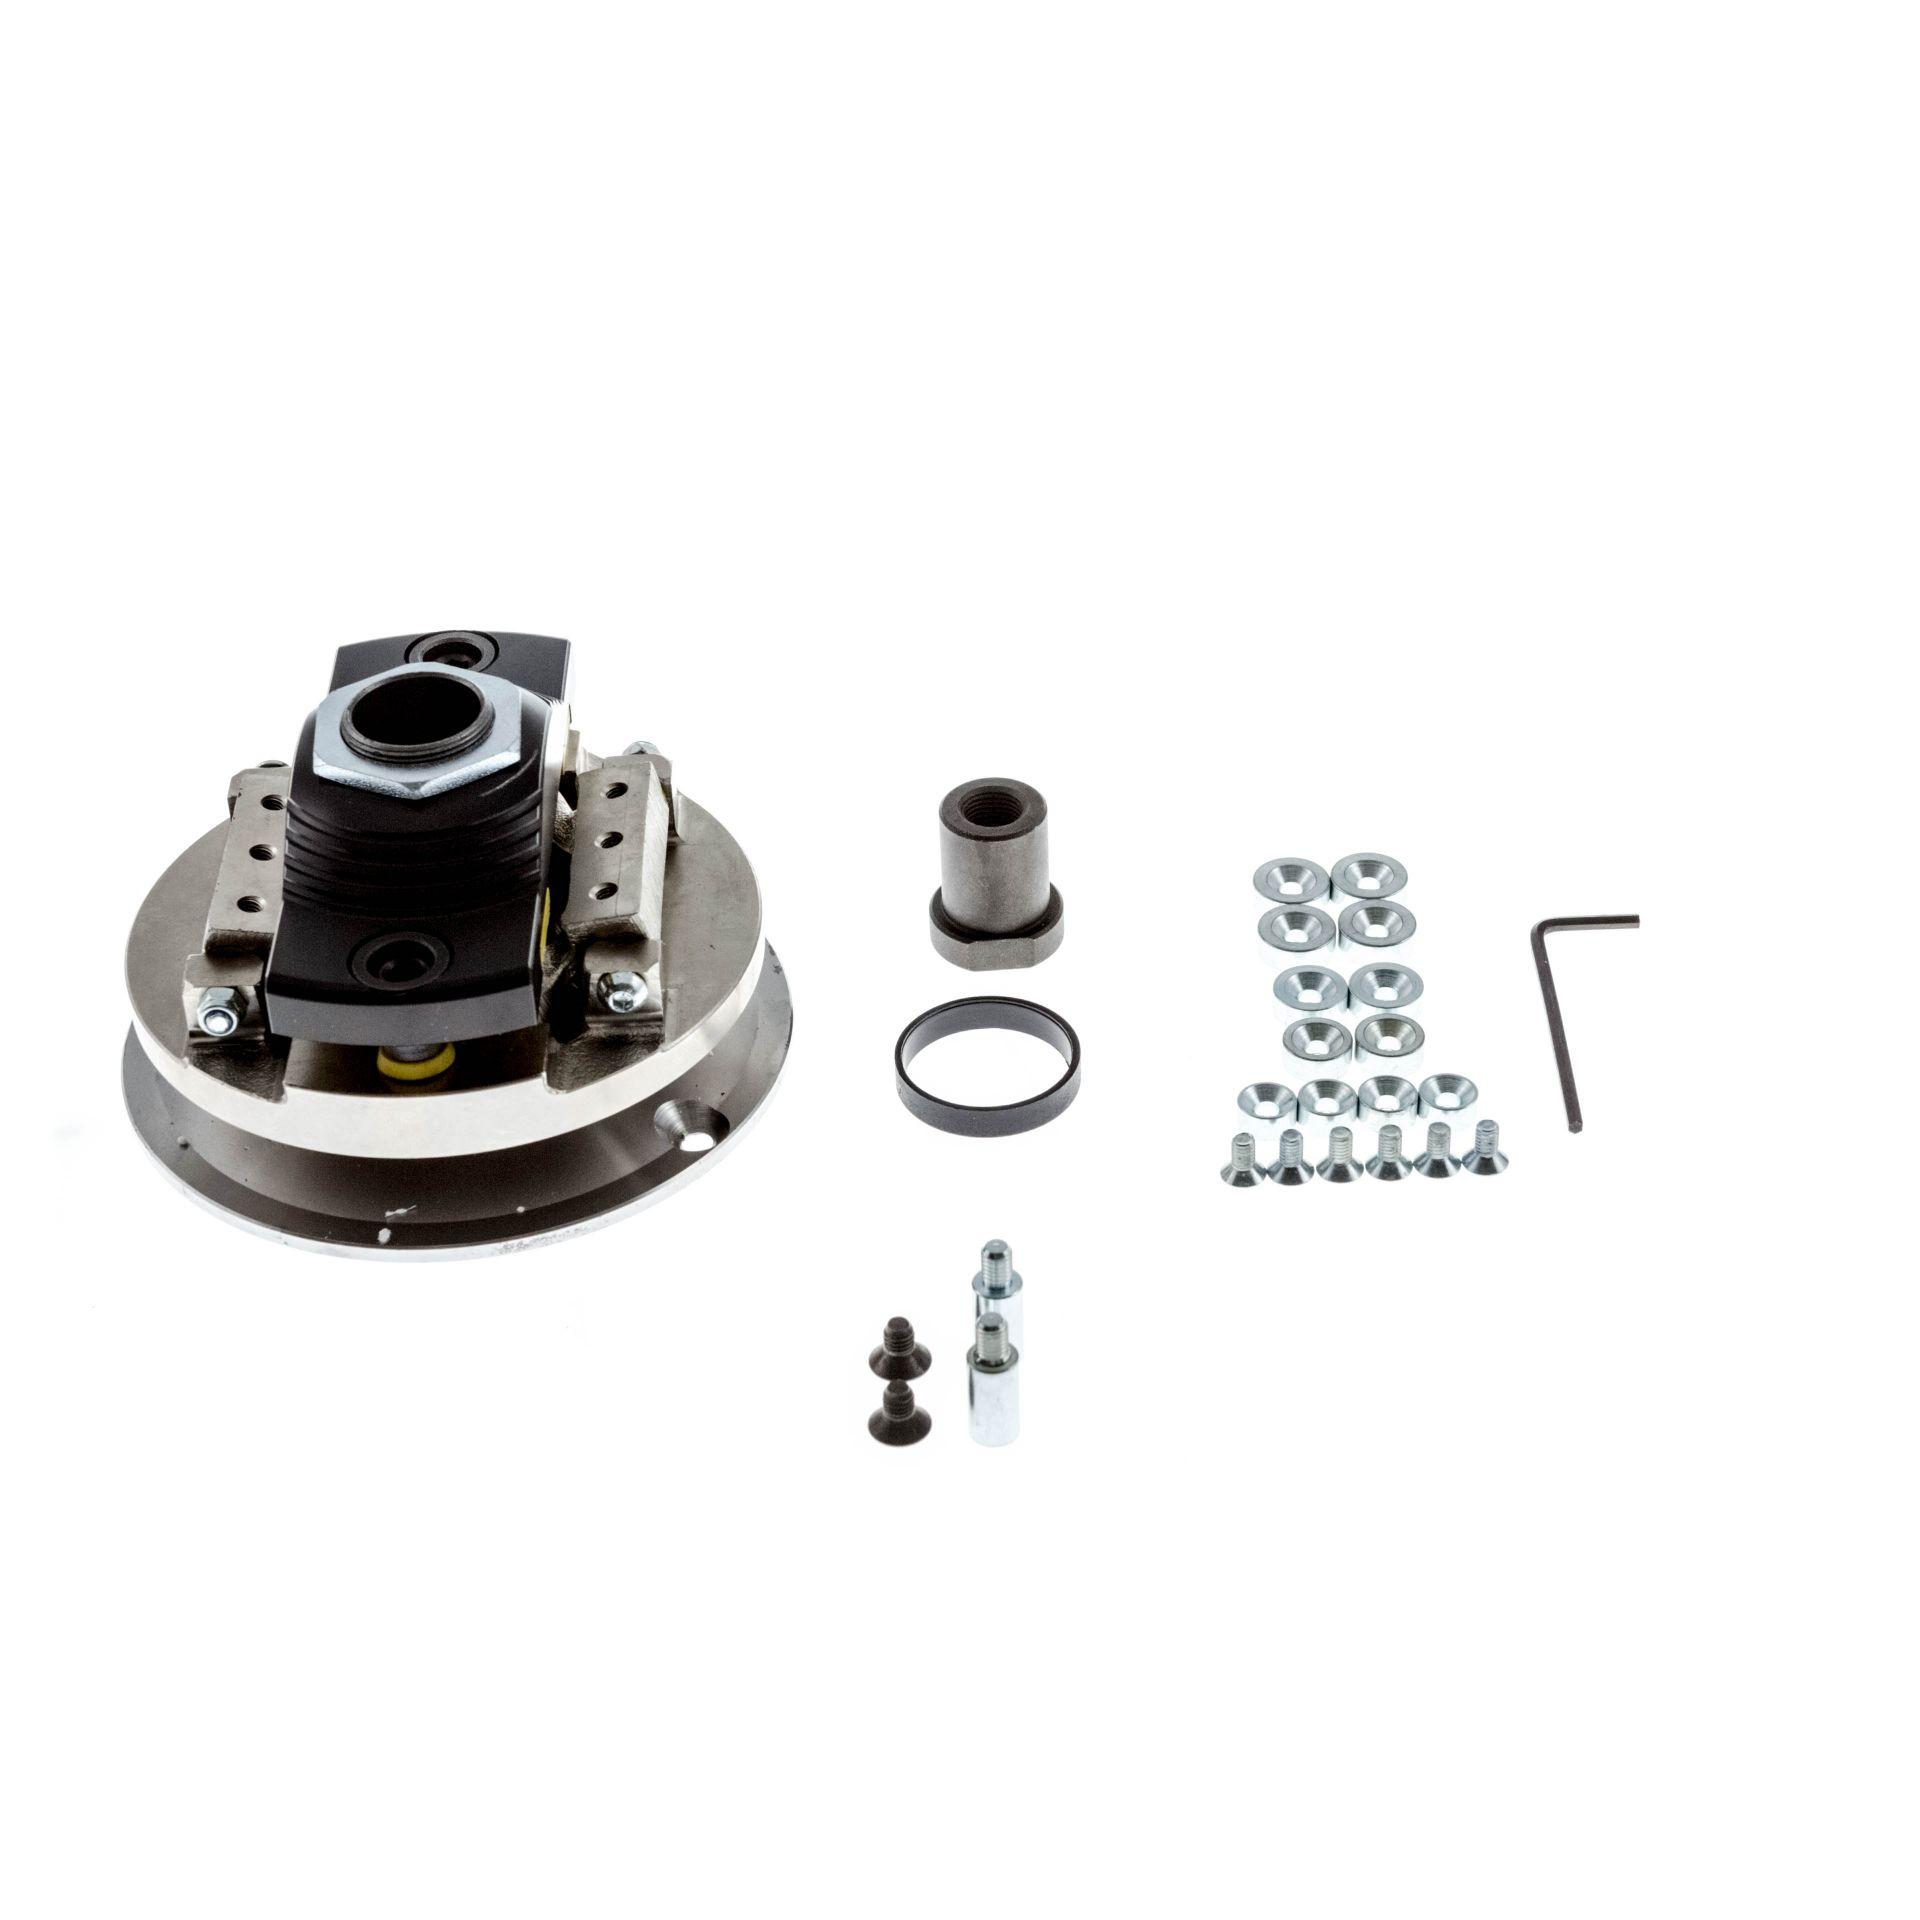 Variateur Doppler ER3 103 SP / MVL montage embrayage